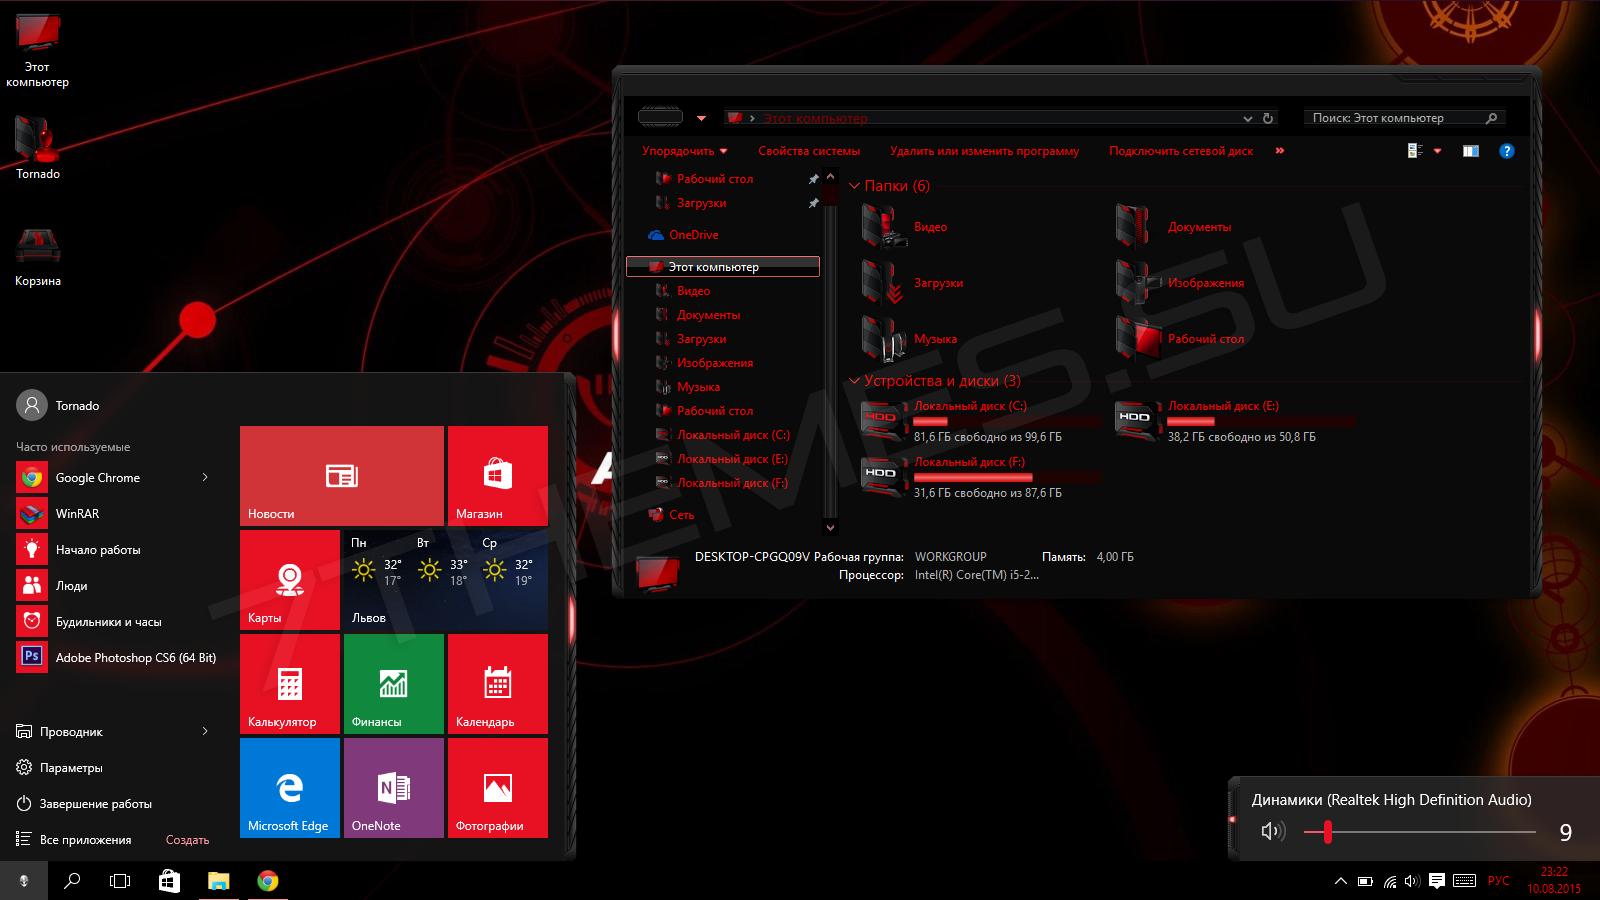 Cleodesktop Alien Red Theme For Windows 10 Rtm Windows 10 Windows Desktop Themes